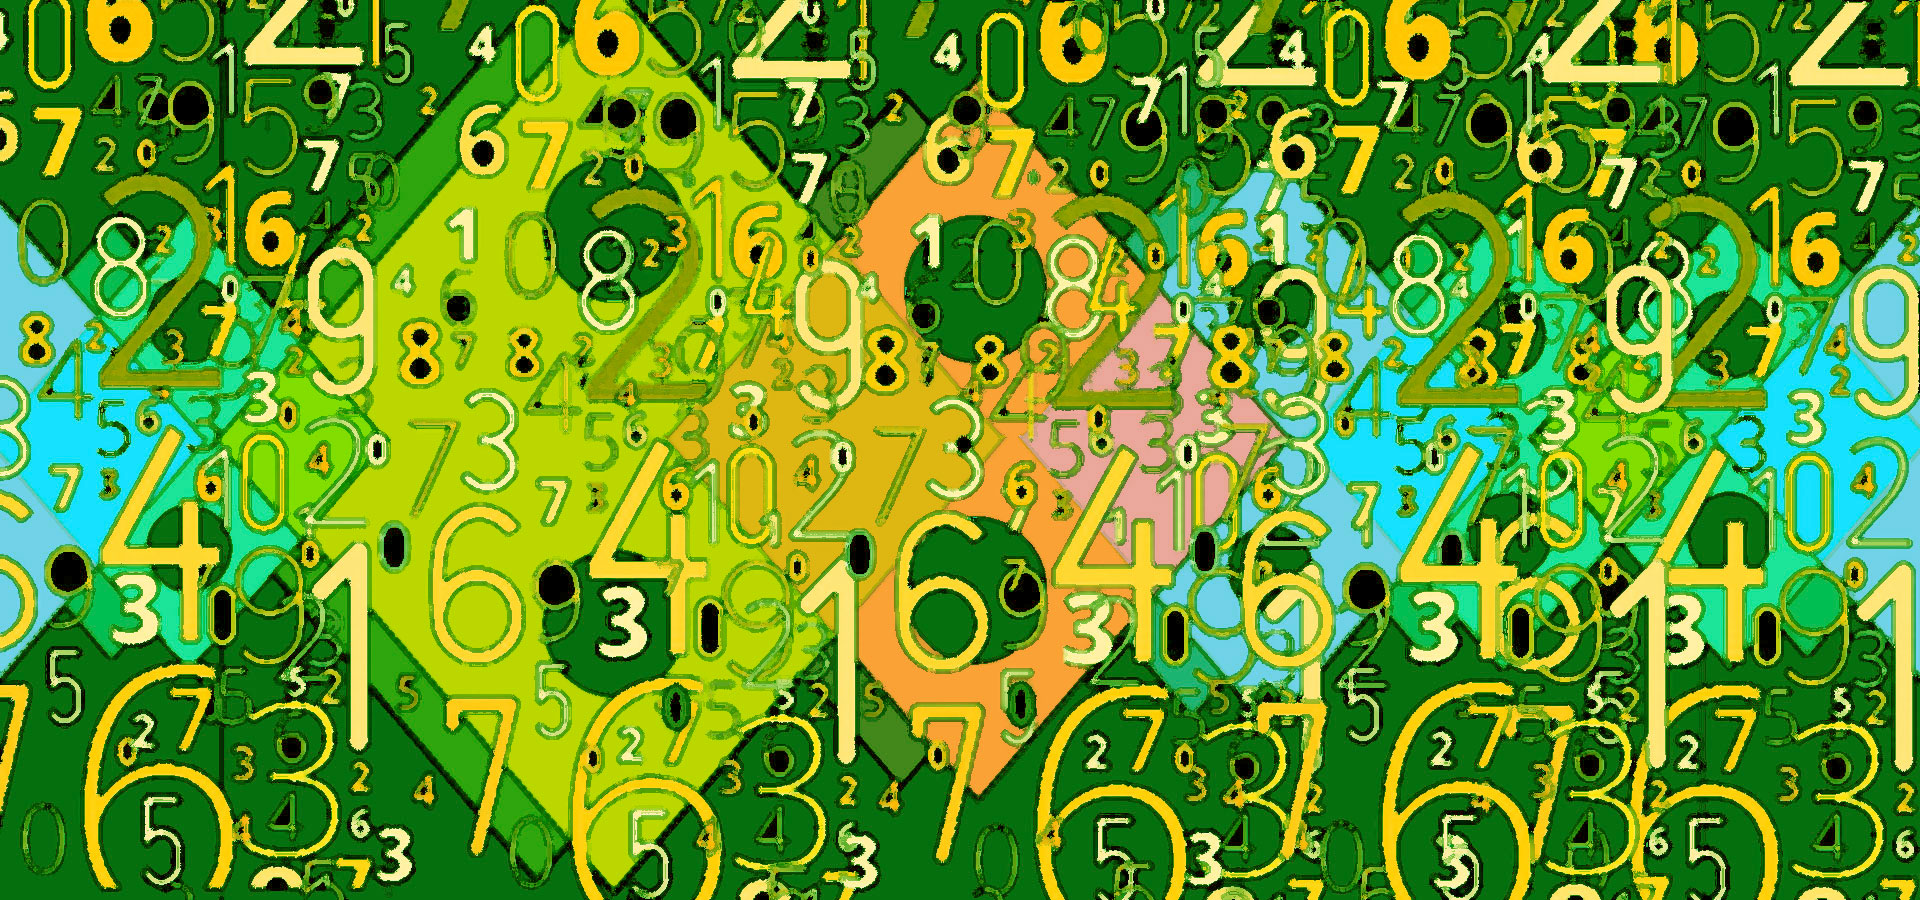 Numeroskop - Opstil selv